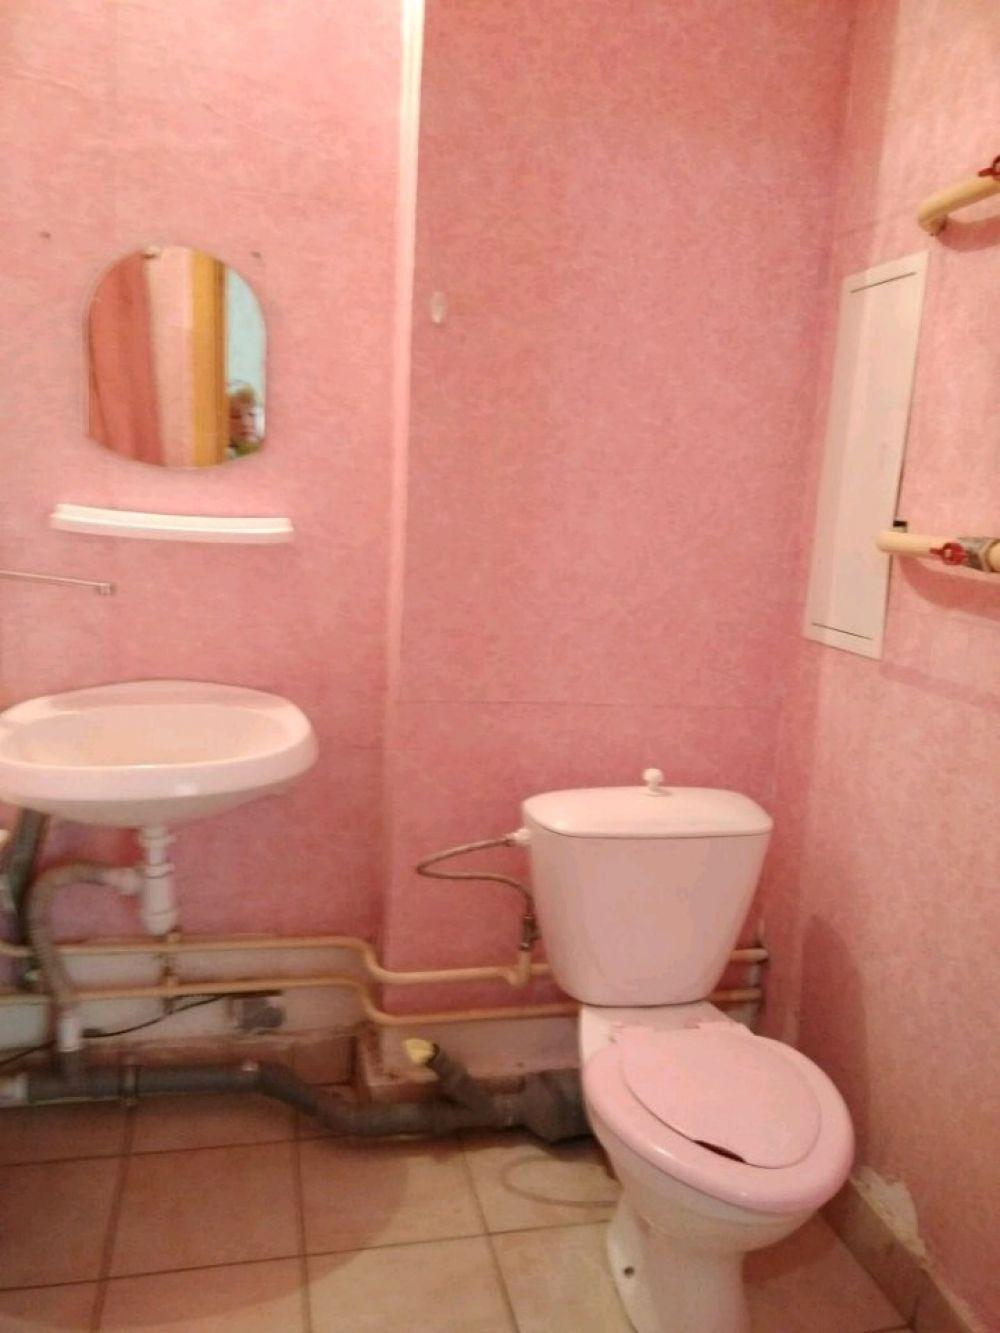 Однокомнатная квартира Московская область г. Королев, ул Мичурина, д. 27 корп. 7, фото 4